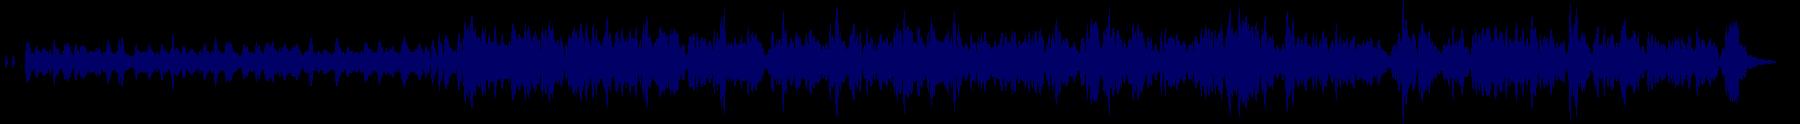 waveform of track #74021